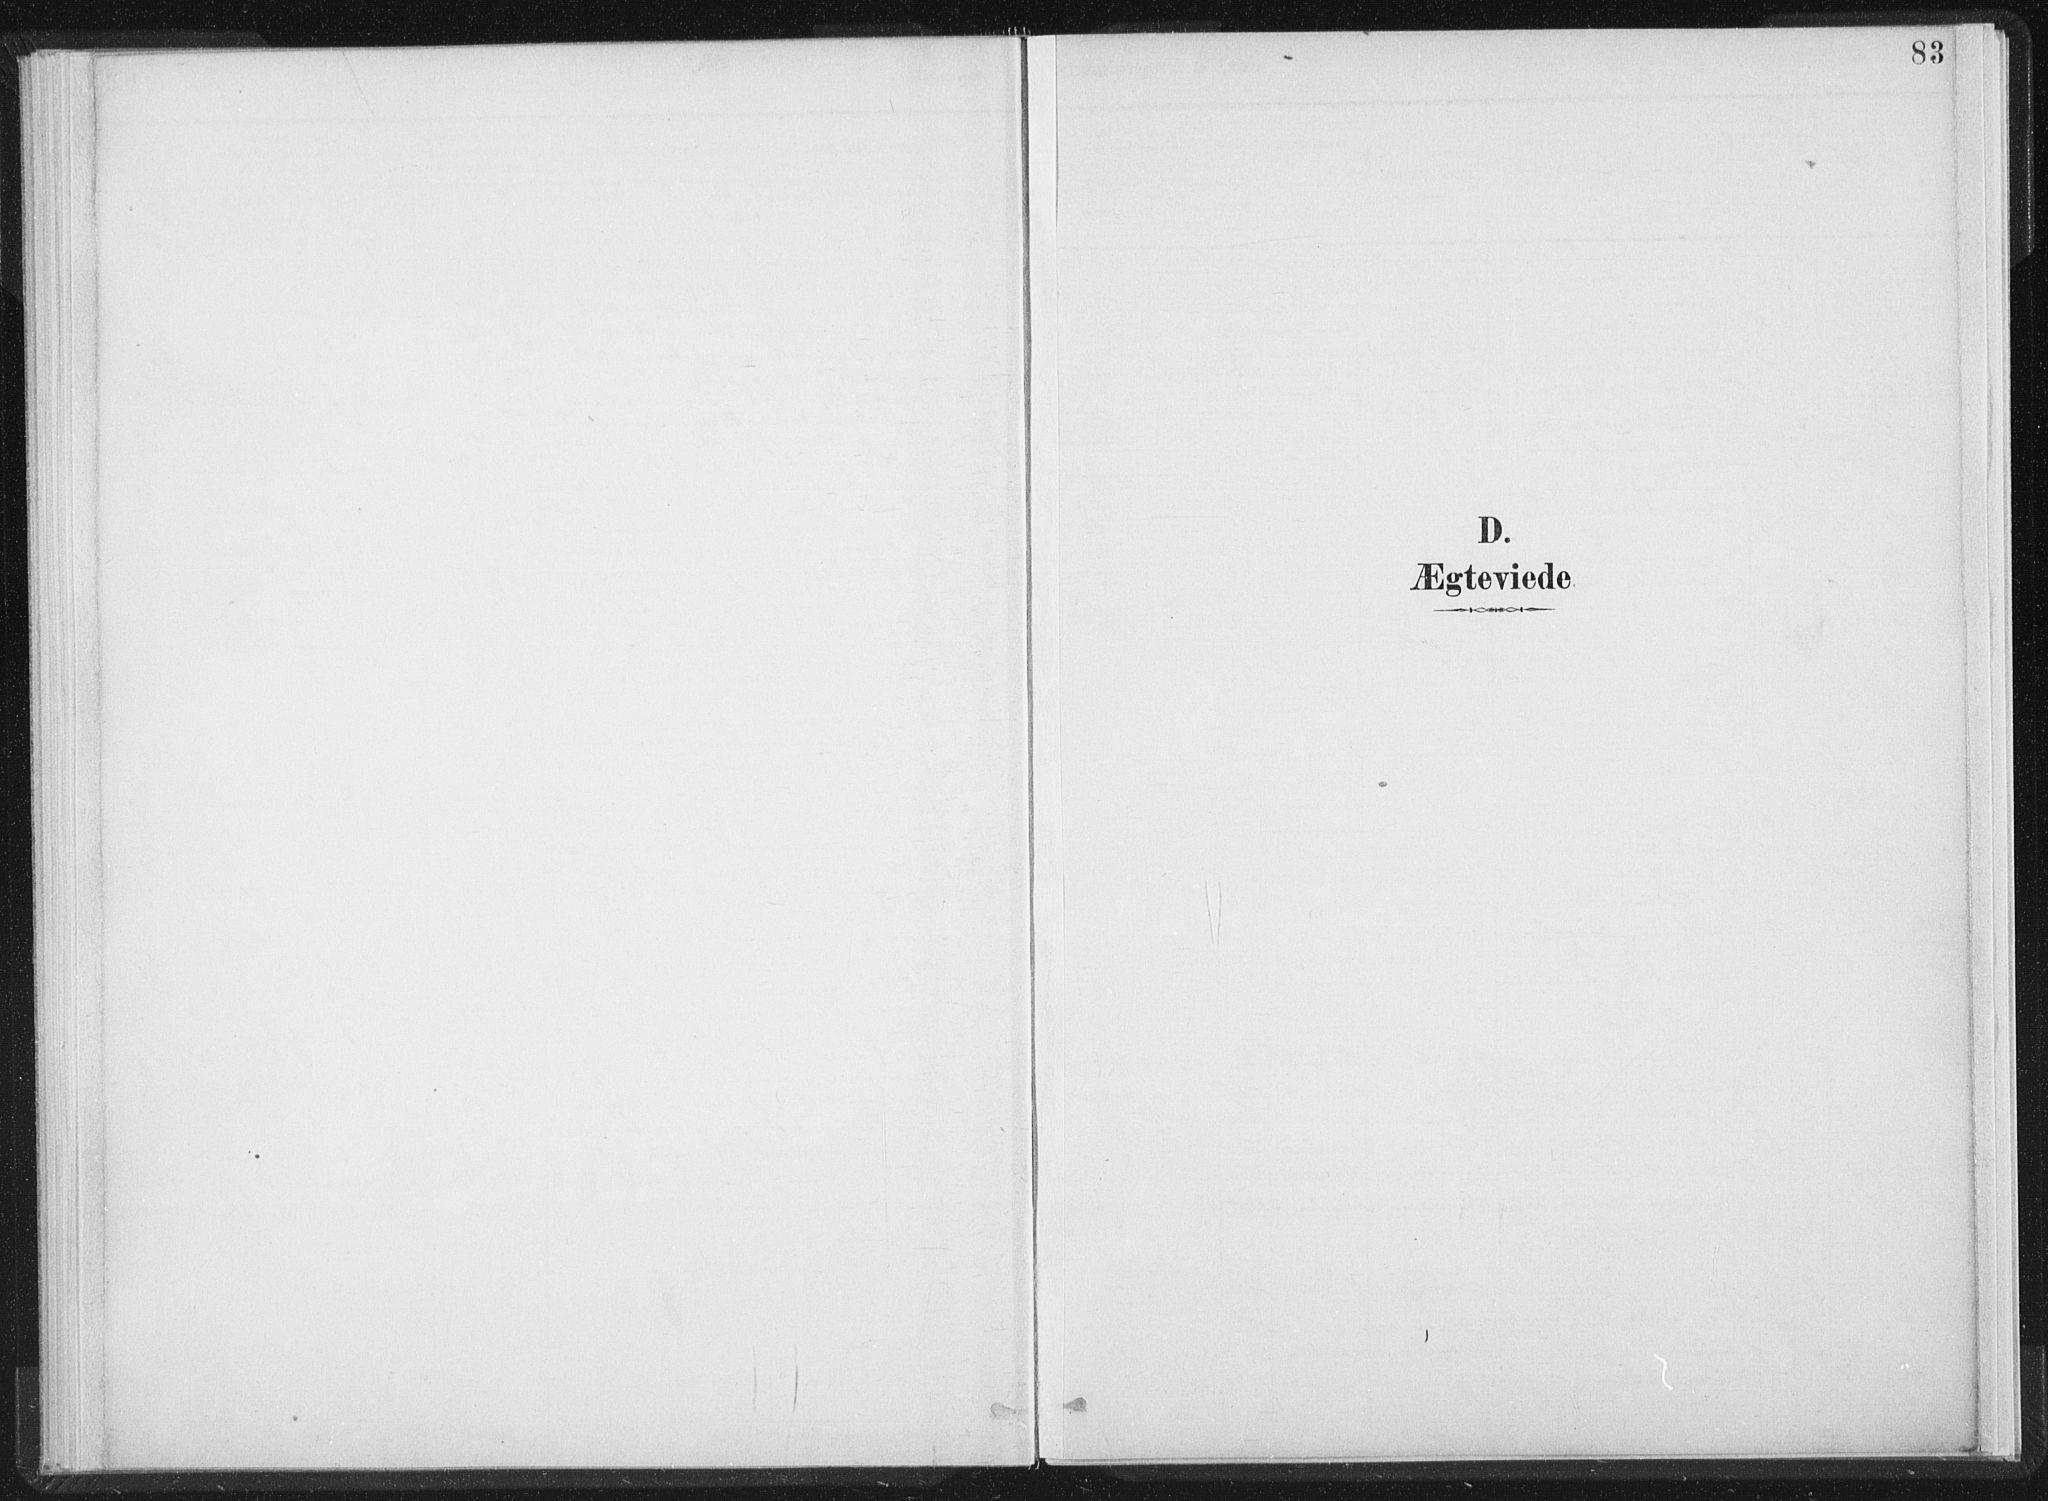 SAT, Ministerialprotokoller, klokkerbøker og fødselsregistre - Nord-Trøndelag, 724/L0263: Ministerialbok nr. 724A01, 1891-1907, s. 83